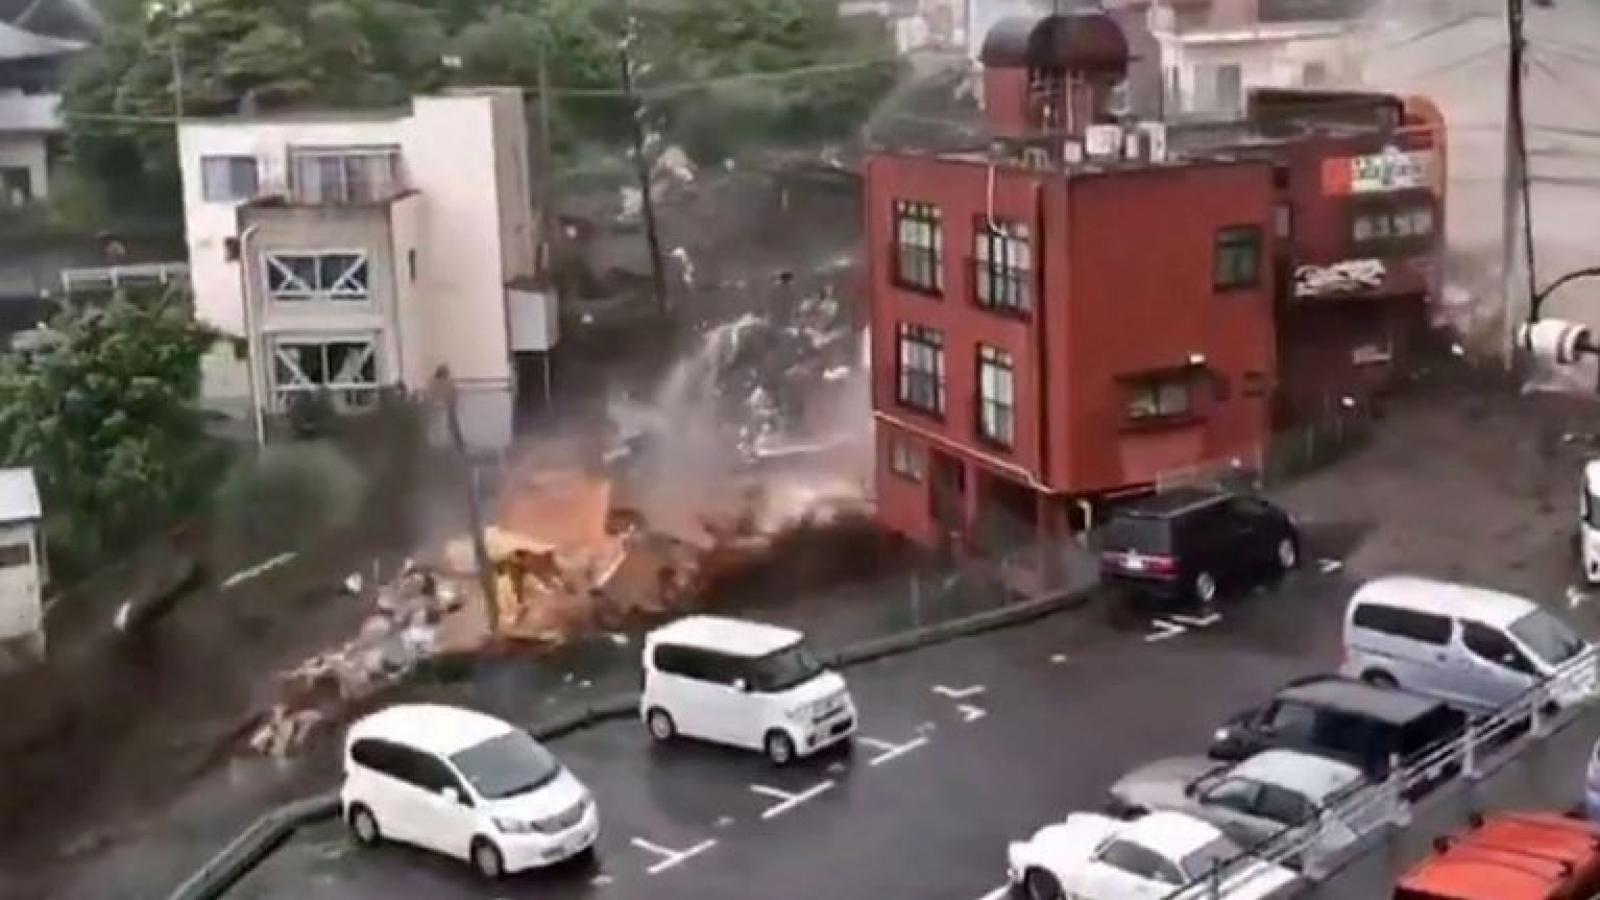 Khoảnh khắc lở đất kinh hoàng quét qua thành phố Atami, Nhật Bản khiến 20 người mất tích